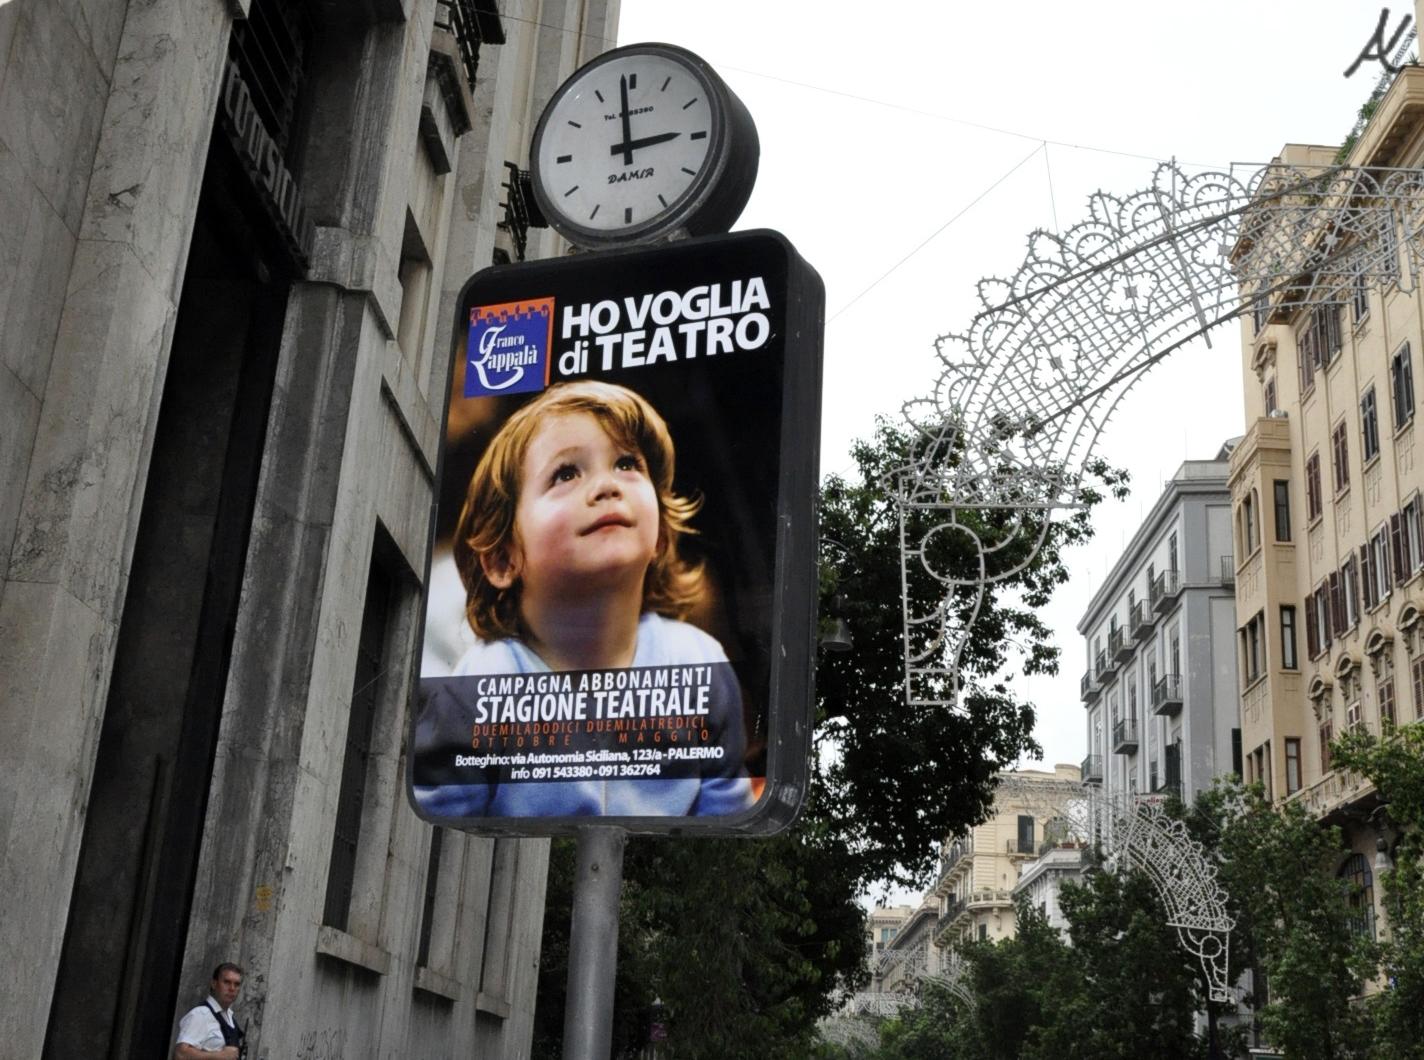 ho voglia di teatro, Palermo Sicilia